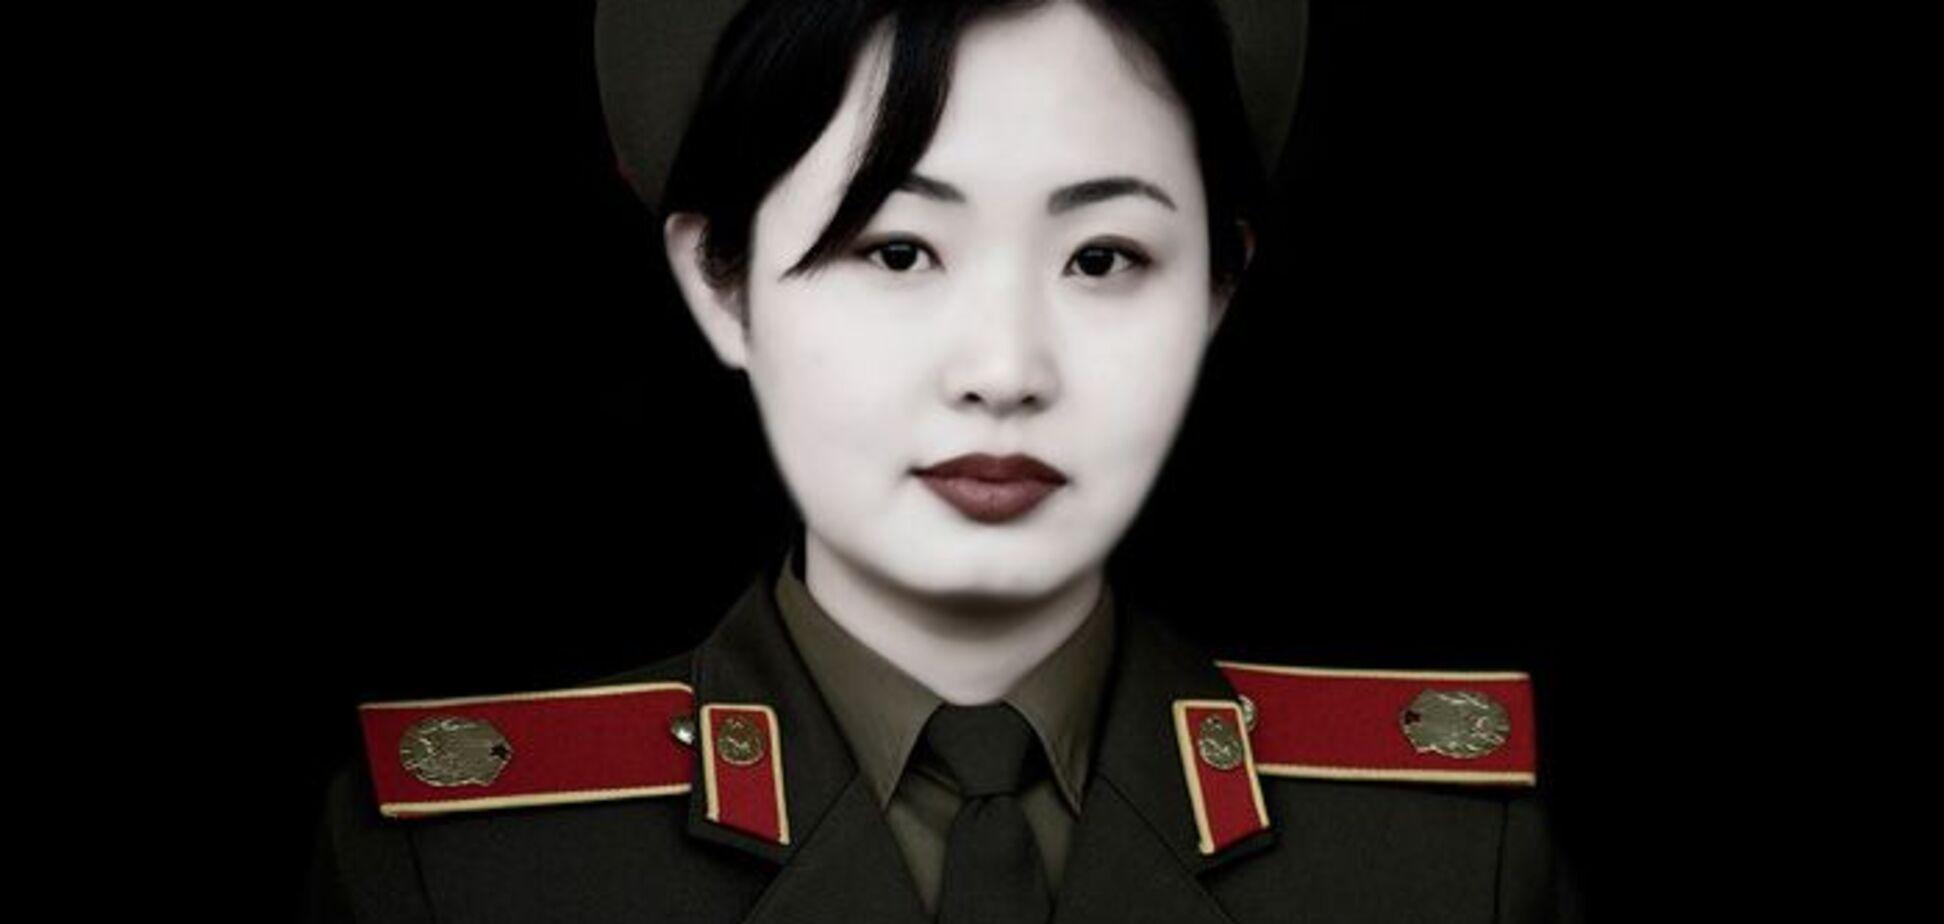 Якби у нас все ще був соціалізм? Ось він - Північна Корея